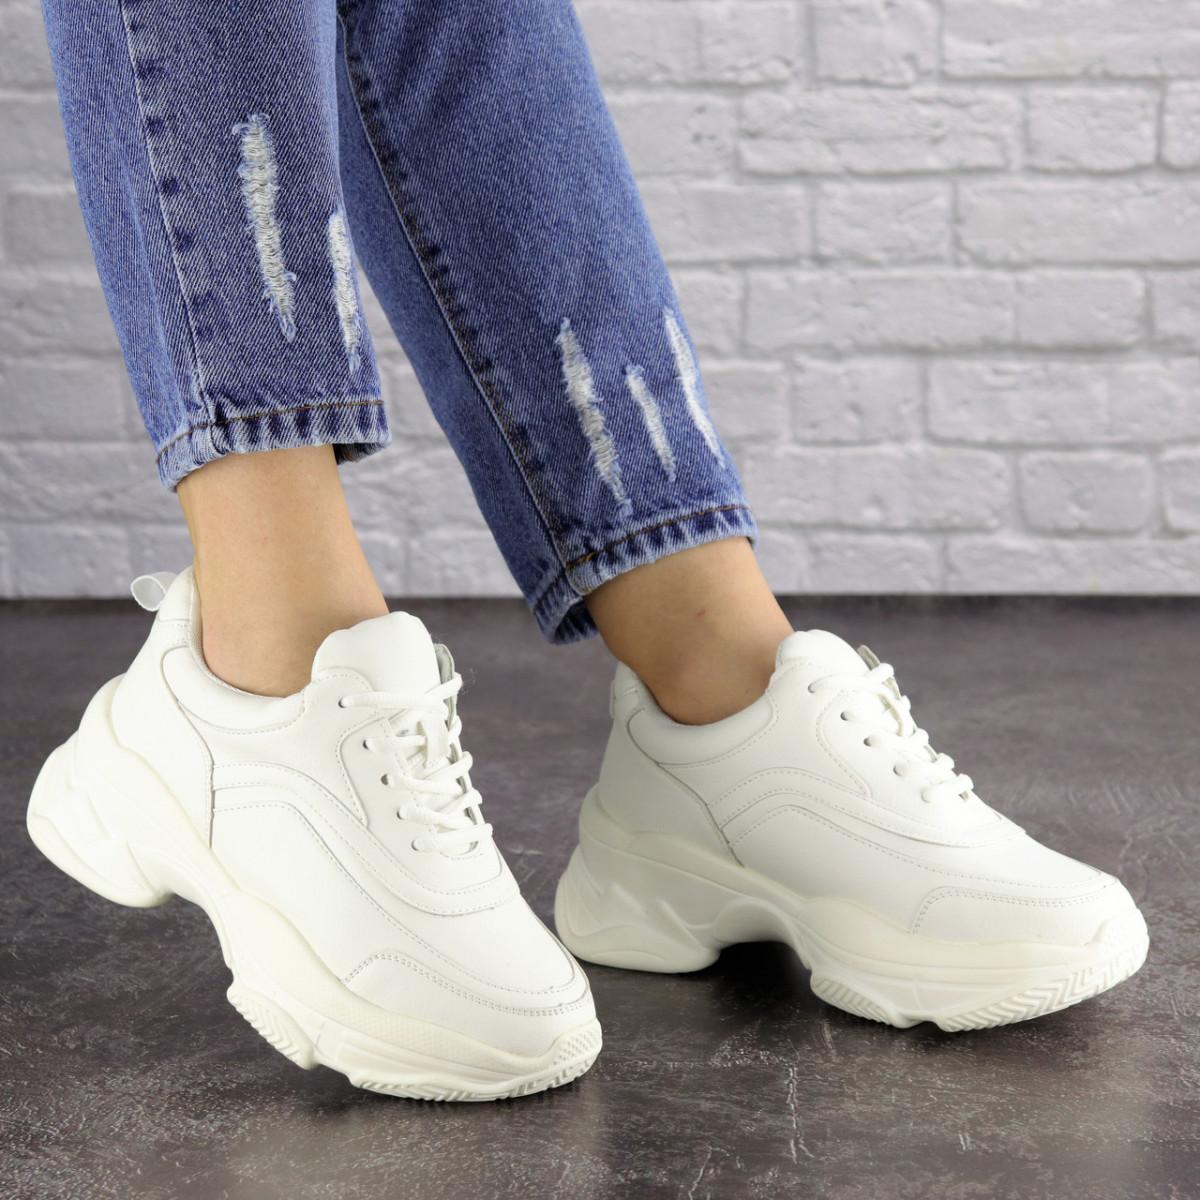 Женские белые кроссовки Vixen 1683 (37 размер)